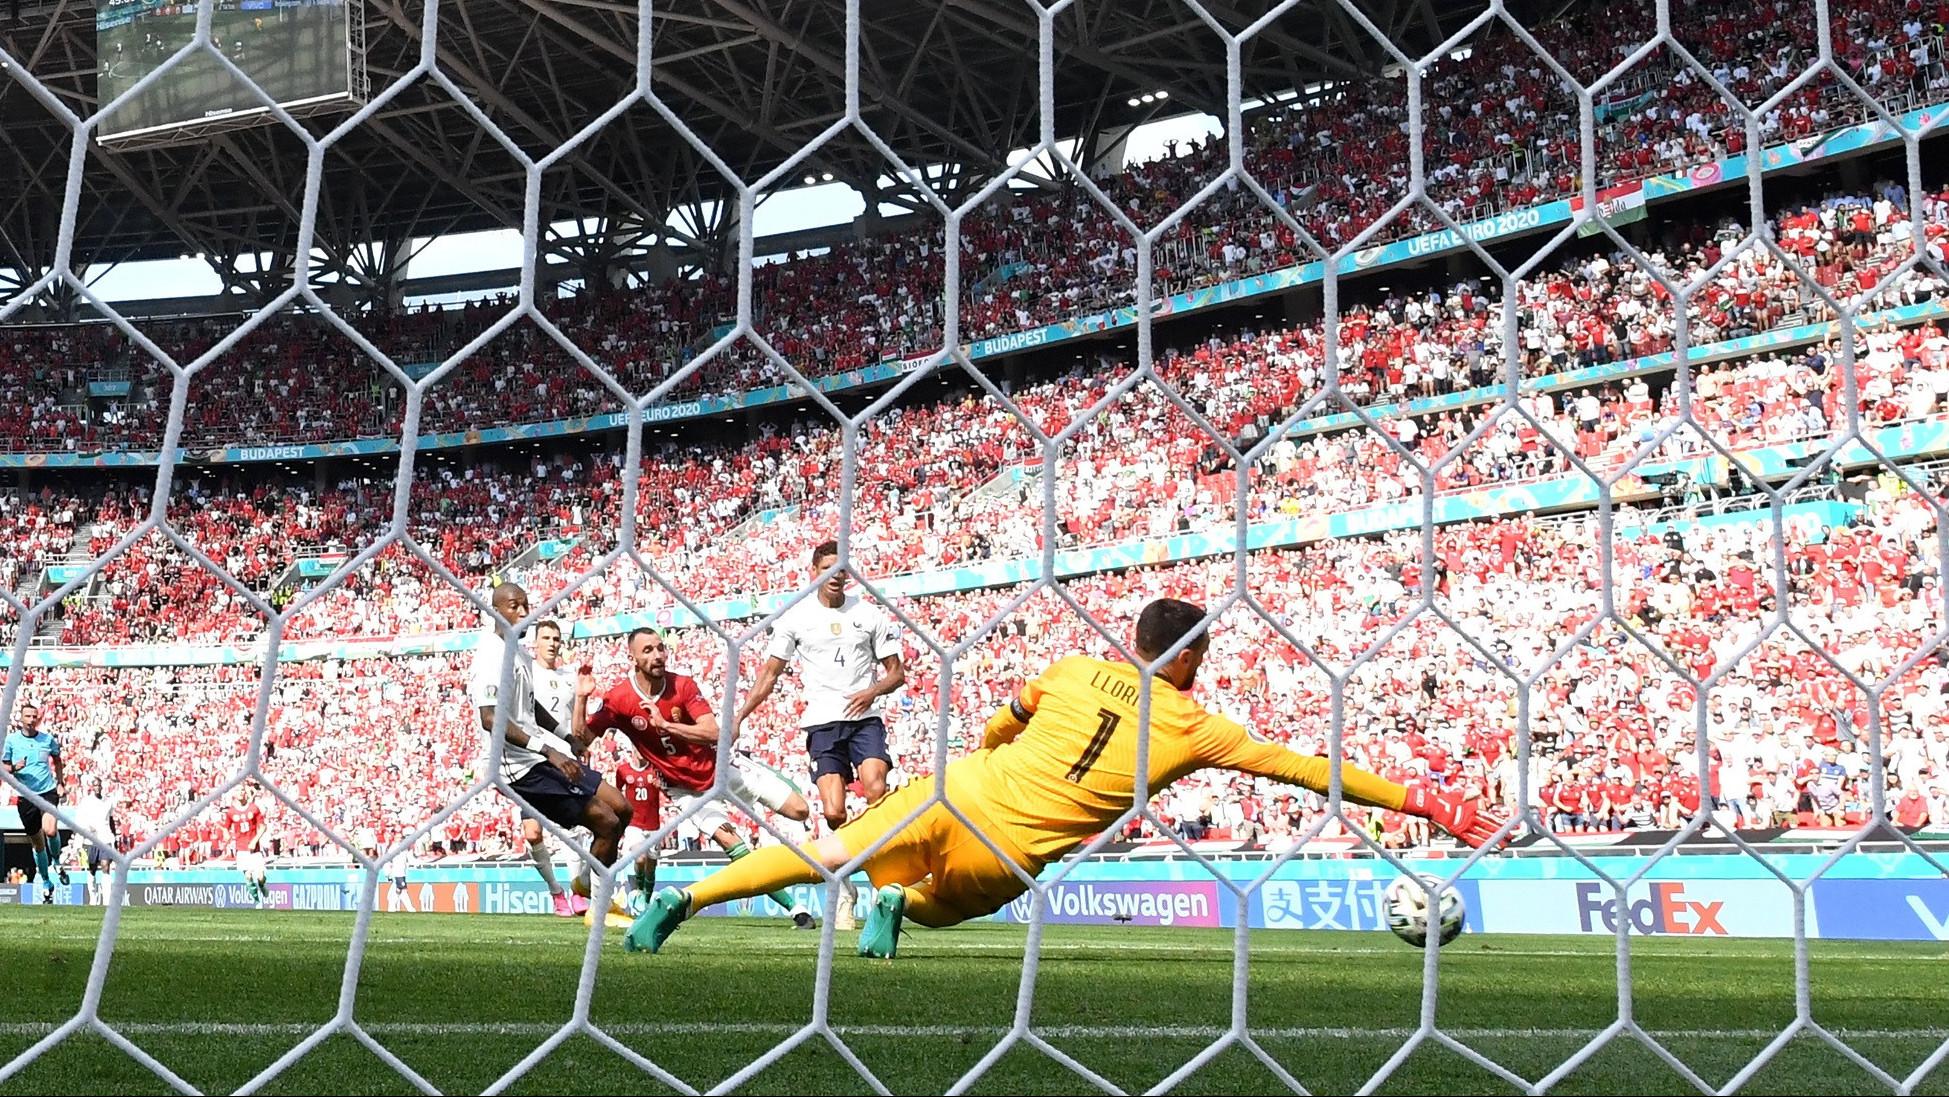 Bravúros döntetlen a franciák ellen az Európa-bajnokságon